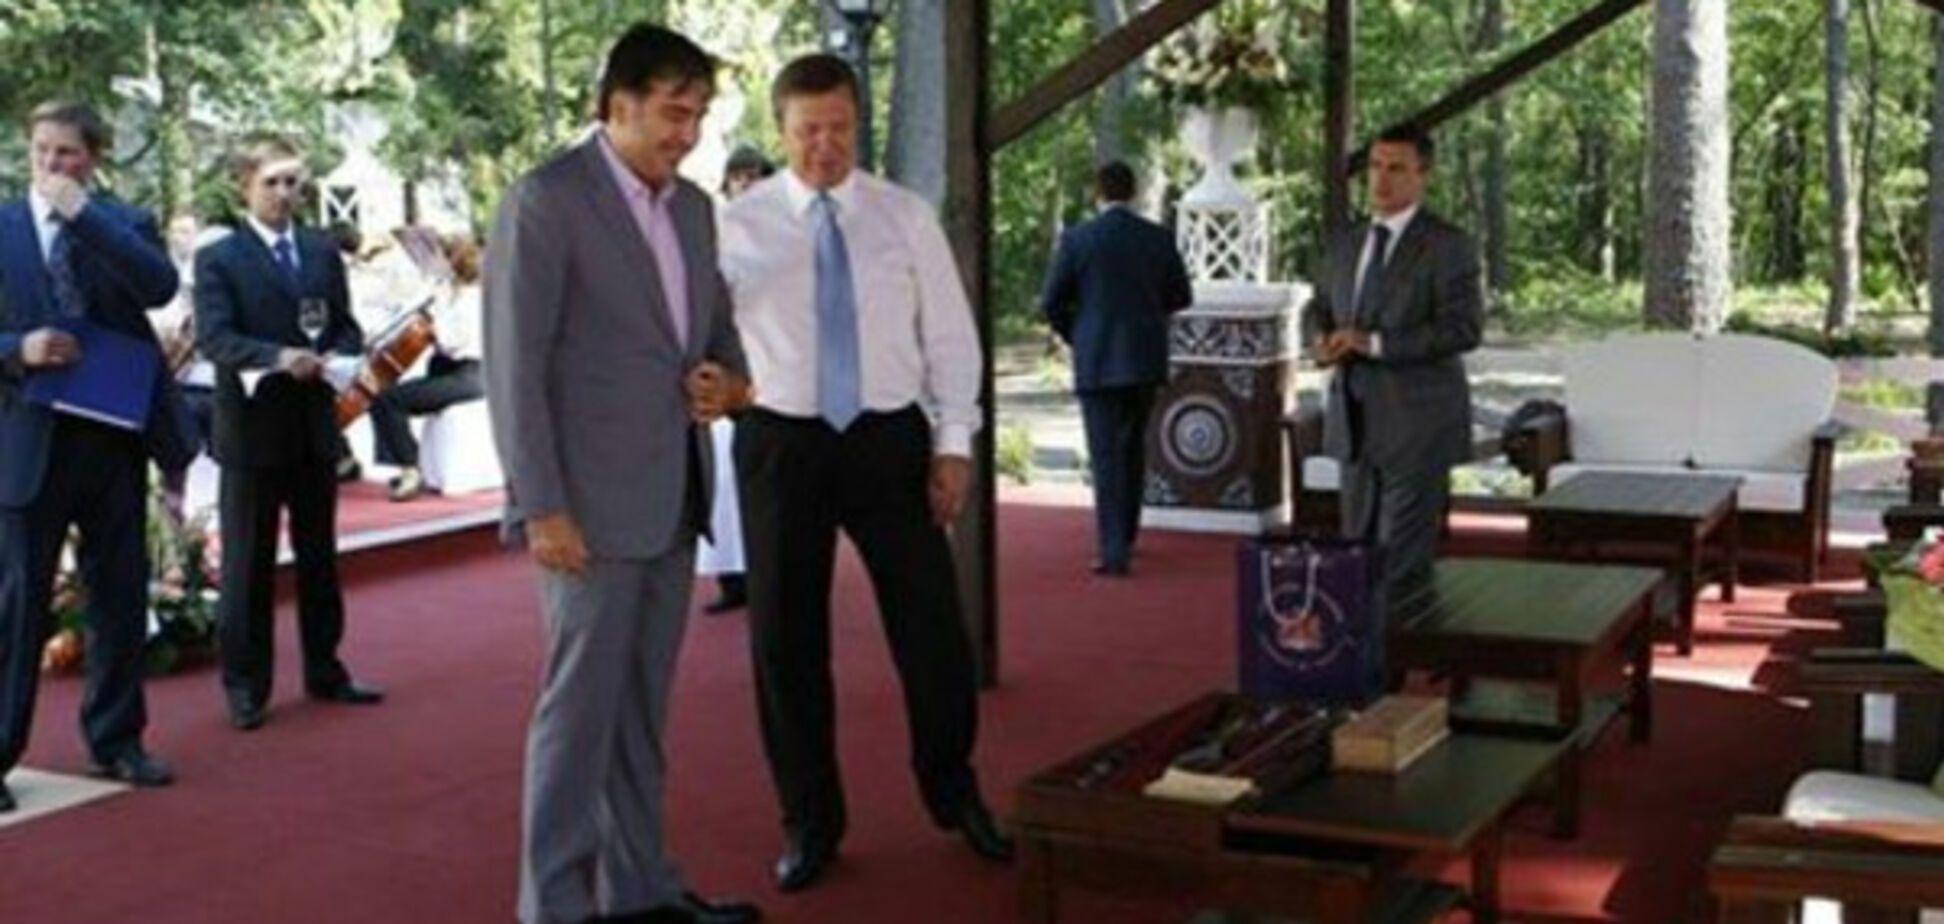 Михеил Саакашвили и Виктор Янукович